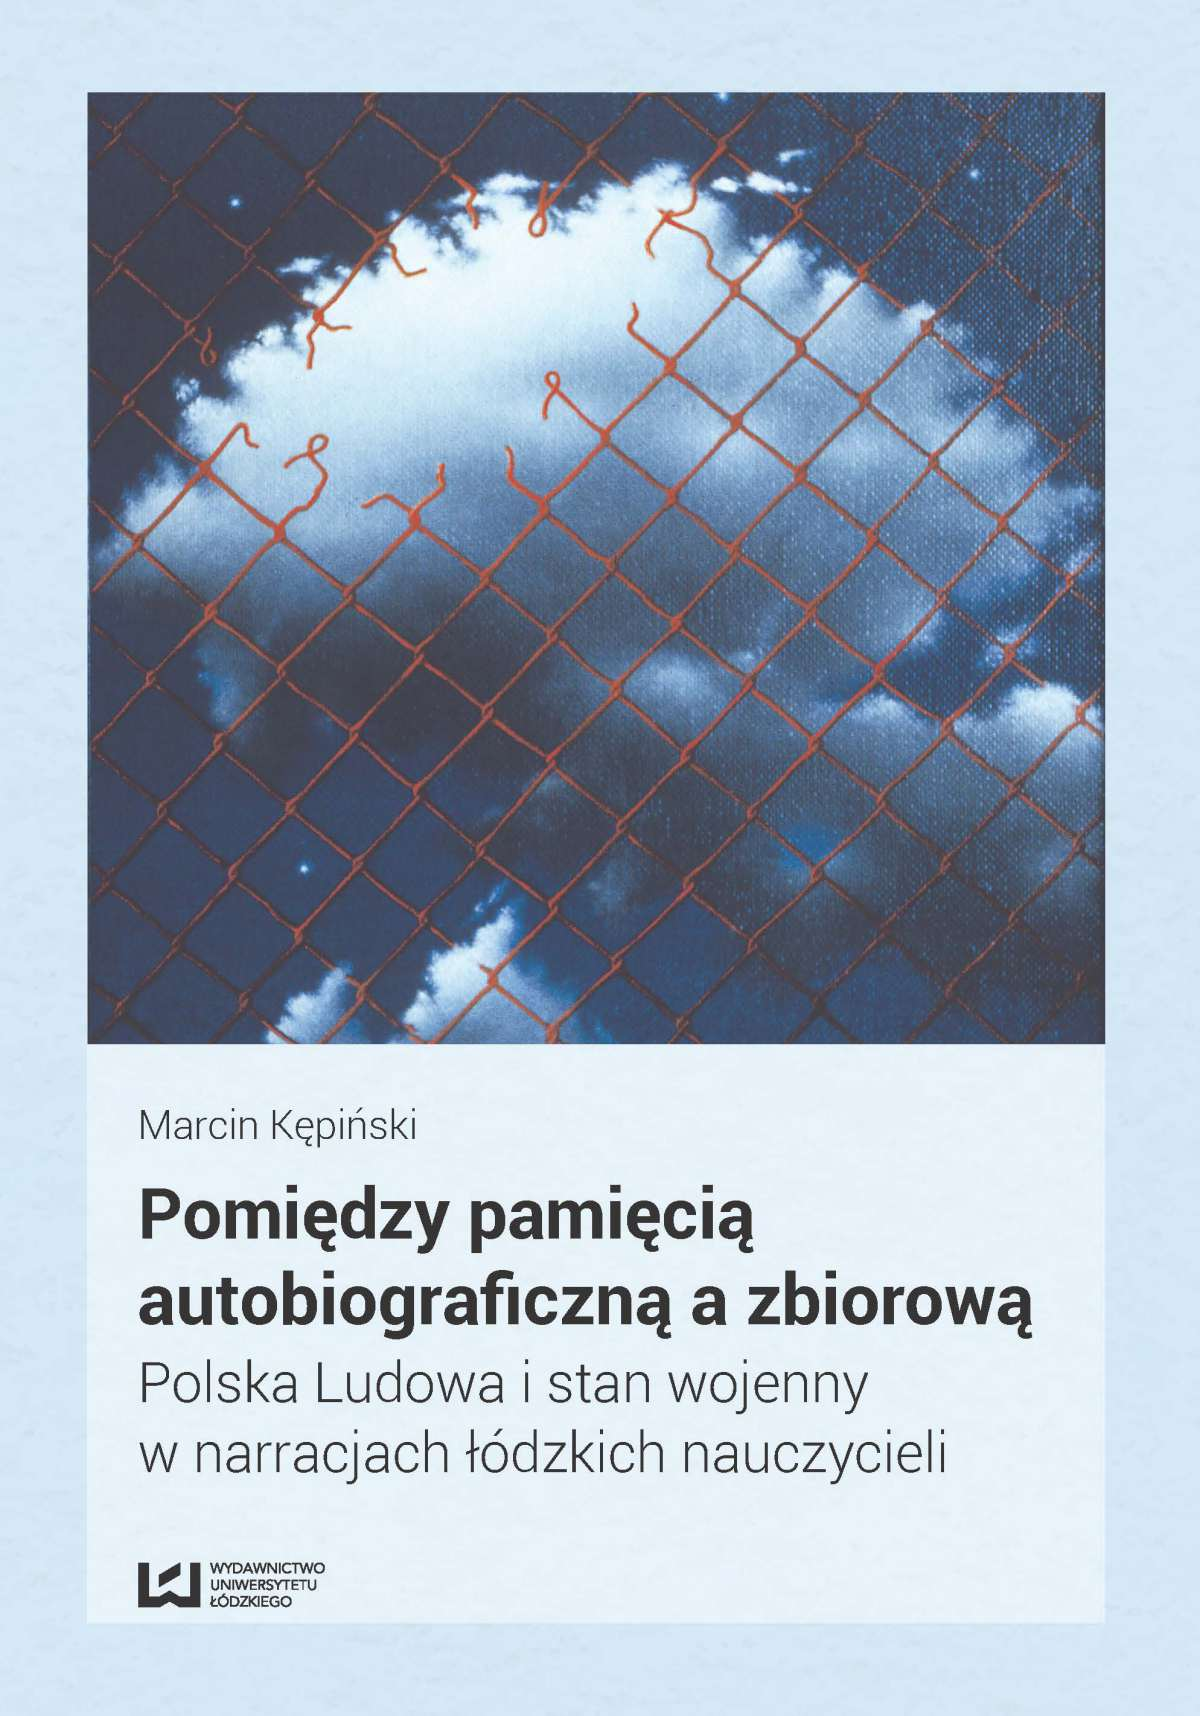 Pomiędzy pamięcią autobiograficzną a zbiorową. Polska Ludowa i stan wojenny w narracjach łódzkich nauczycieli - Ebook (Książka PDF) do pobrania w formacie PDF